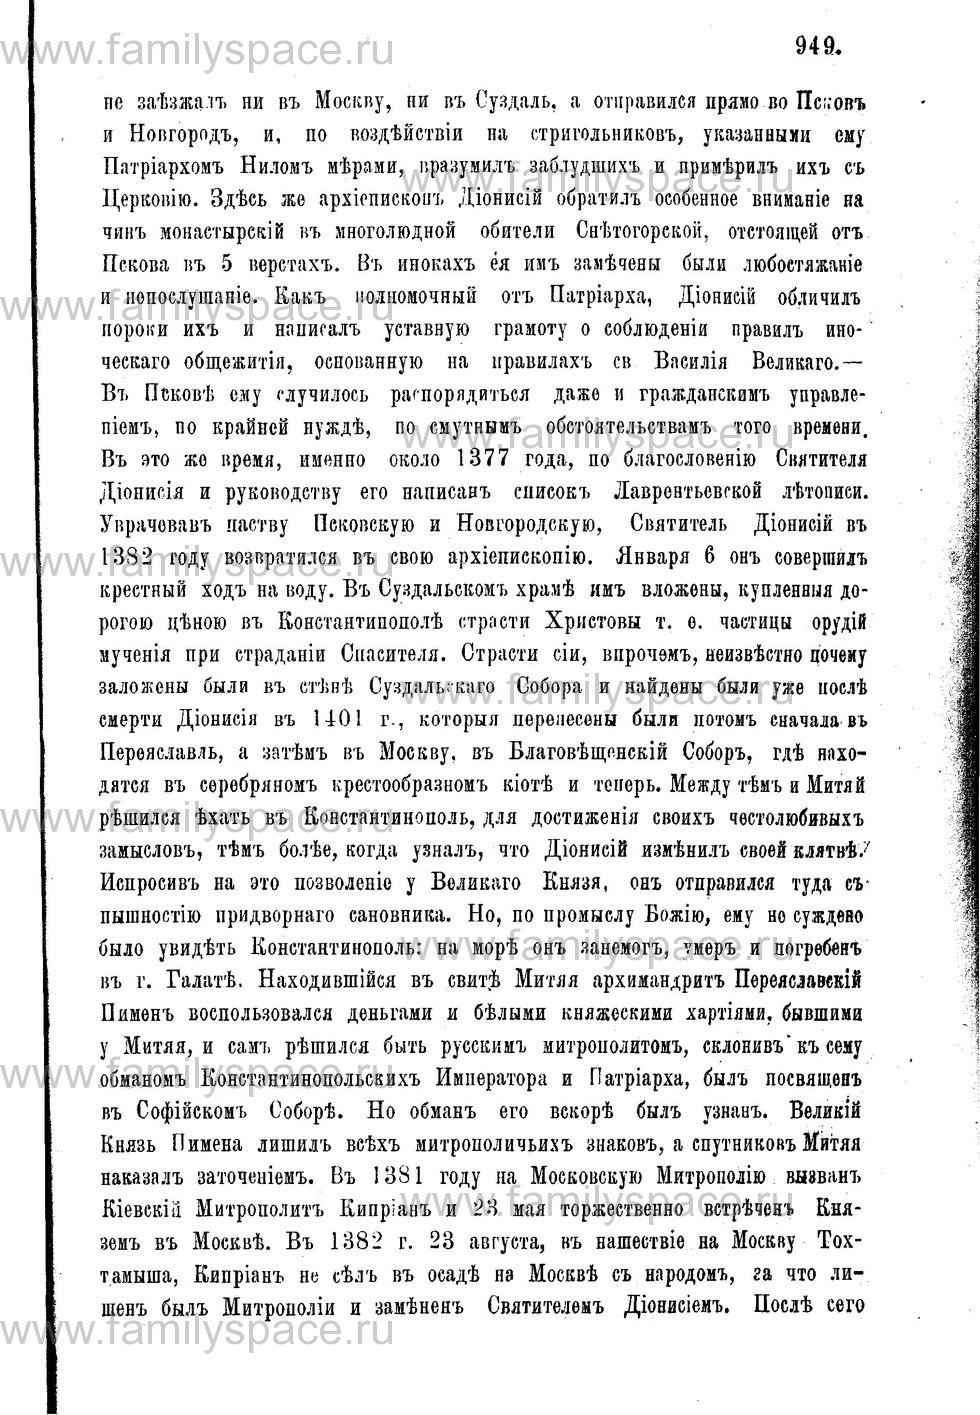 Поиск по фамилии - Адрес-календарь Нижегородской епархии на 1888 год, страница 1949